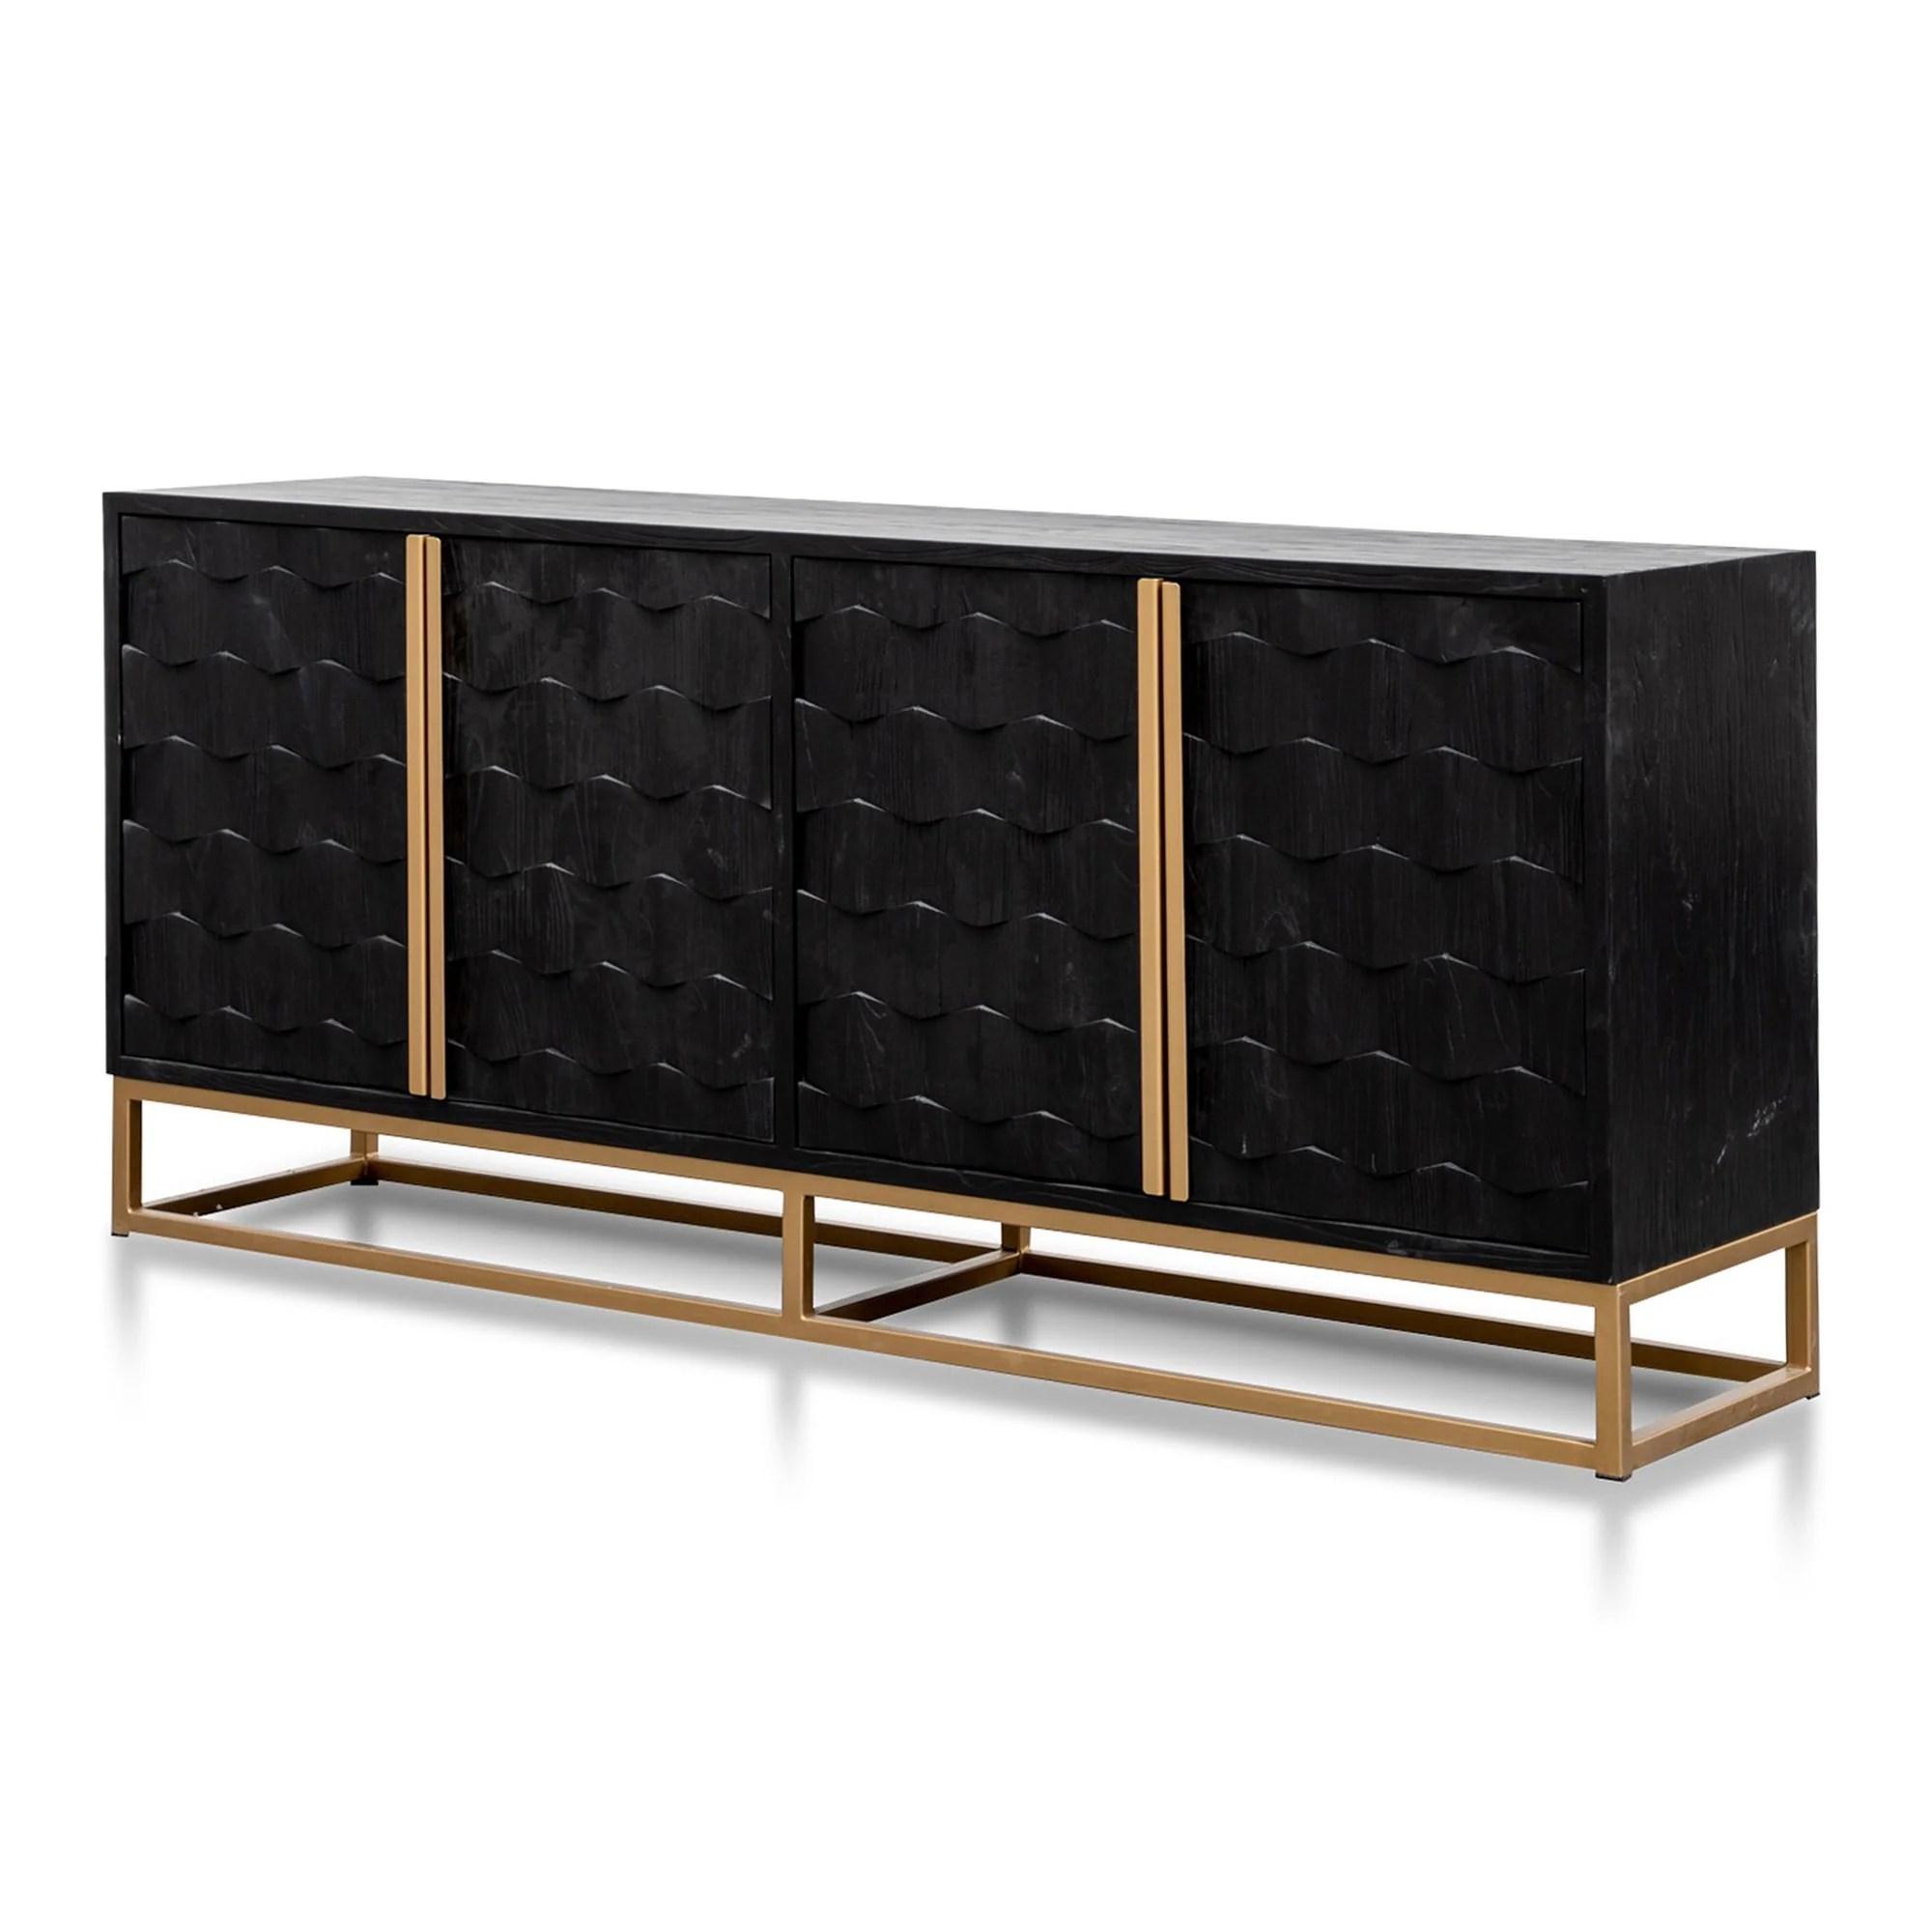 Mildred 1 78m Sideboard Black Elm Wood With Gold Ha Interior Secrets